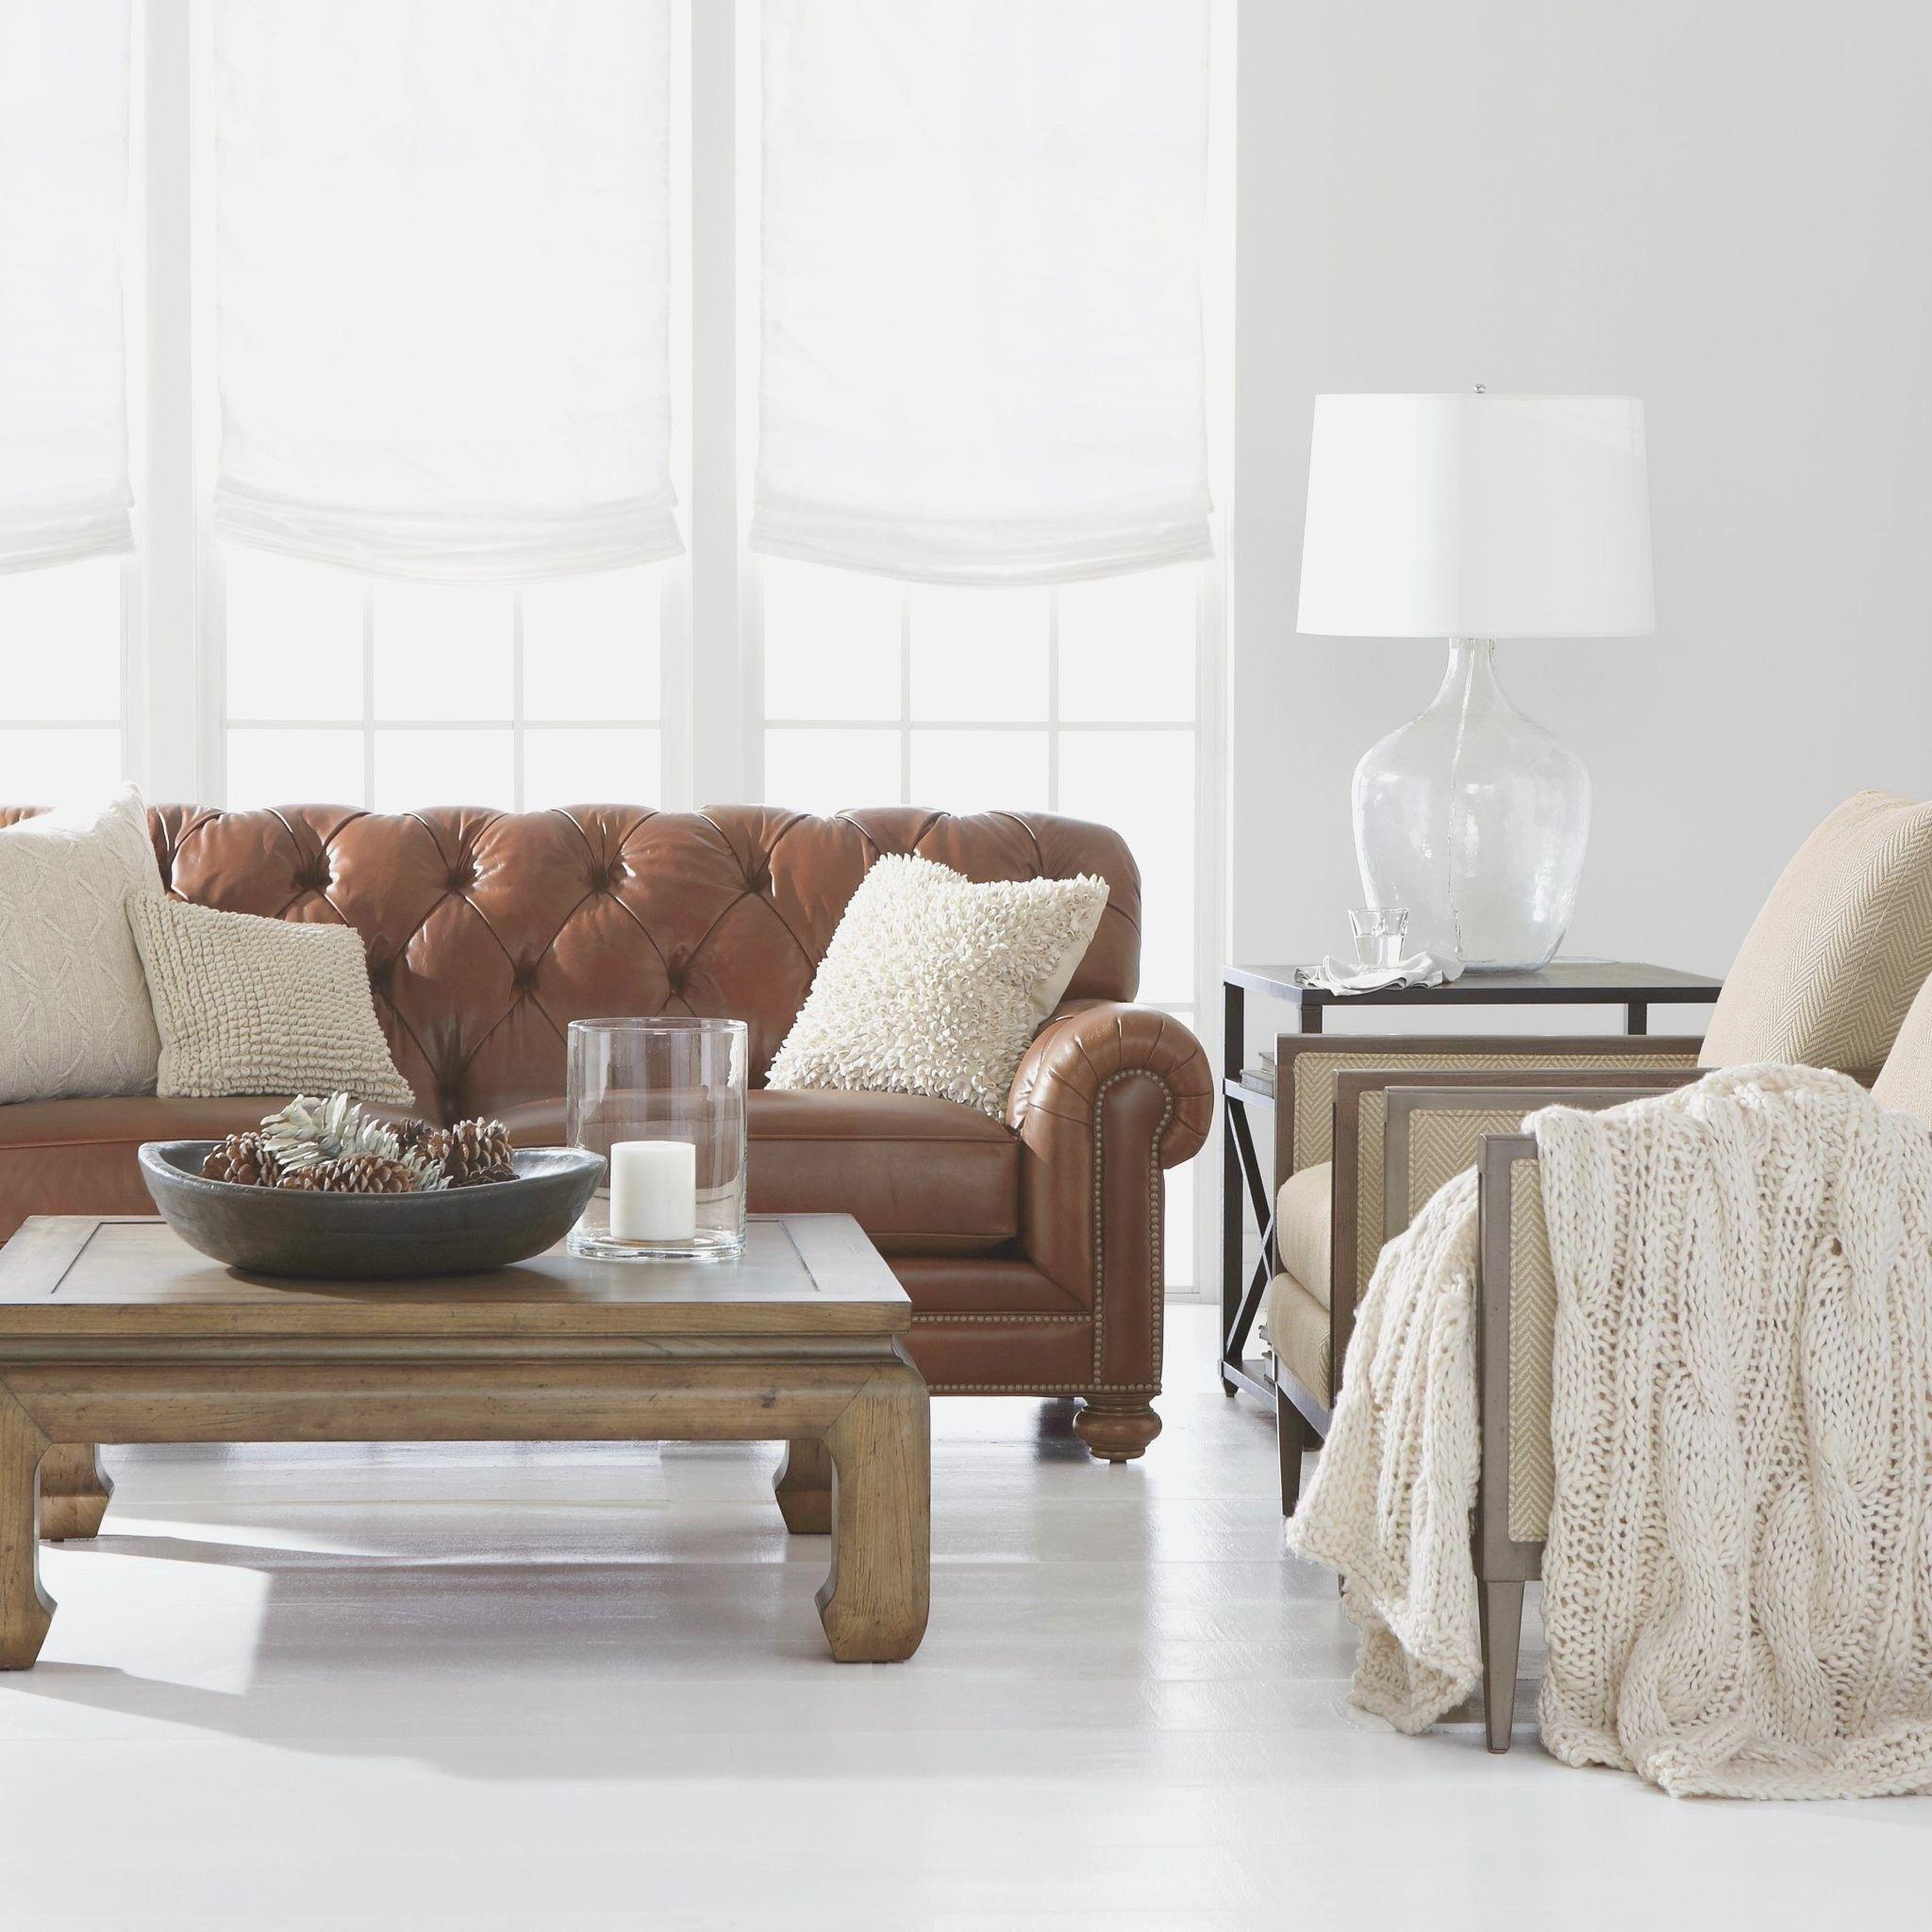 Ethan Allen Living Room Furniture - ethan allen furniture living ...